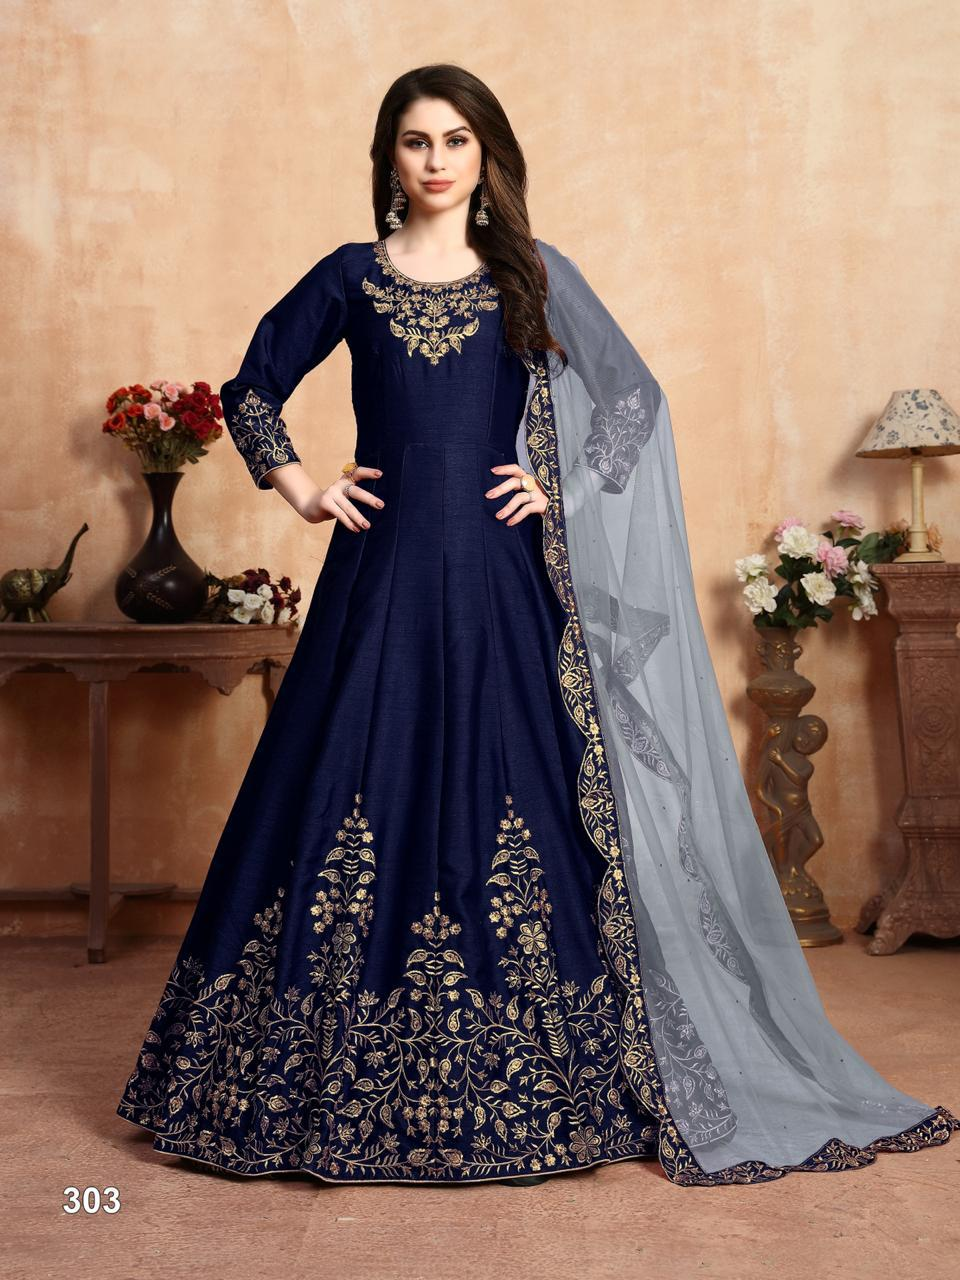 Twisha Aanaya Vol 103 Silk Anarkali Wedding Salwar Suits